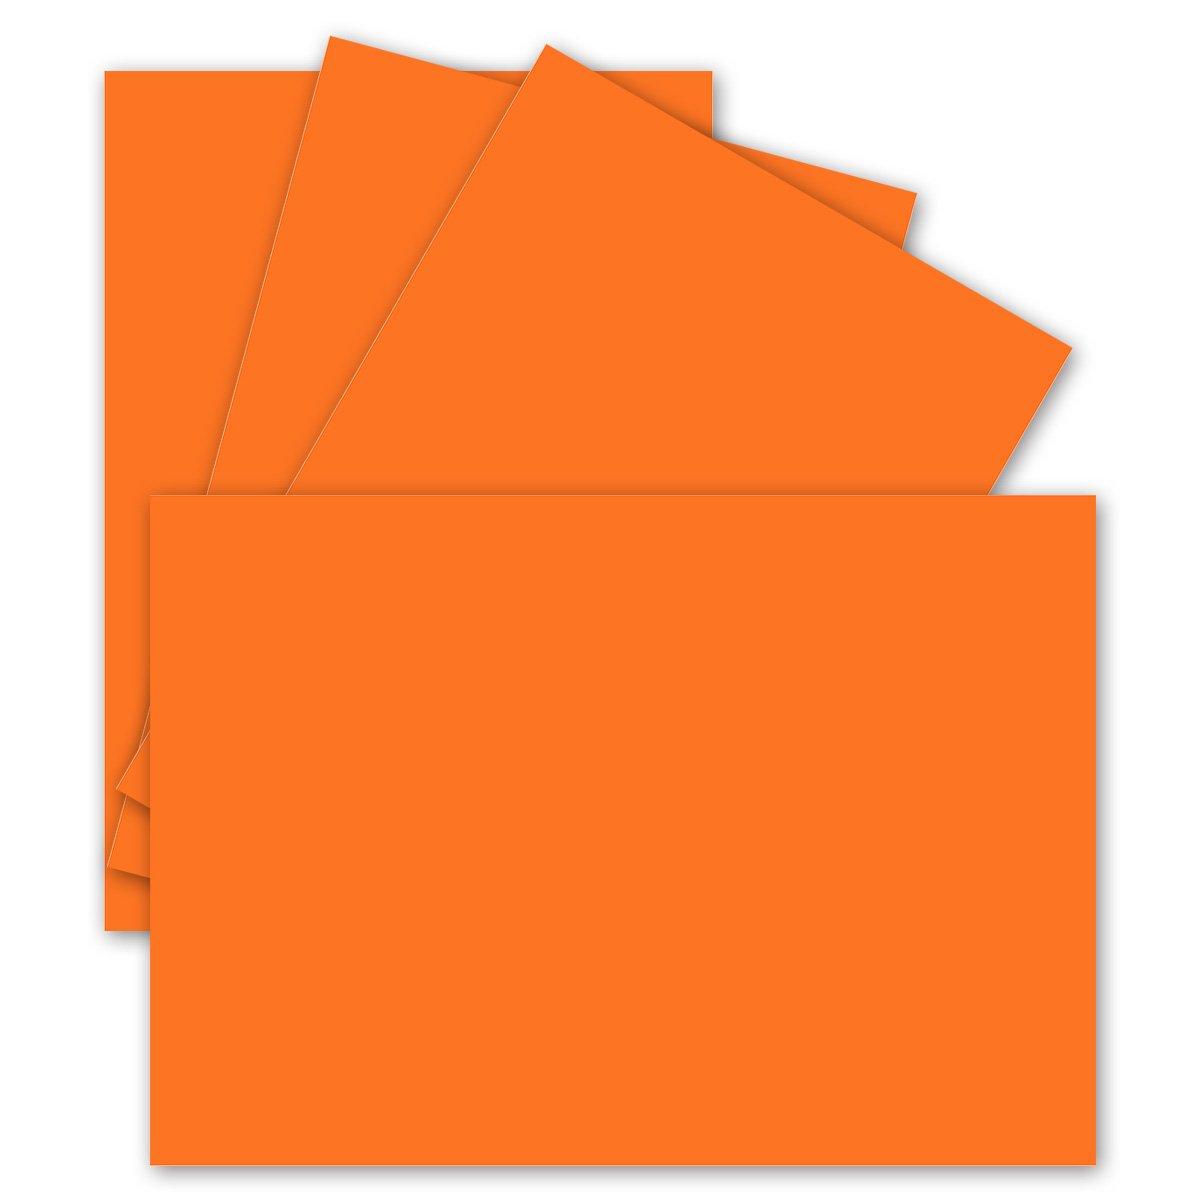 Cartoline singole DIN A6 10,5 x 14,8 cm, cm, cm, stabile carta di argilla da 240 g, qualità A6, per bricolage 150 Stück 11 - arancia   I Clienti Prima    Conosciuto per la sua buona qualità    On-line    Prezzo Affare    Alta qualità ed economia  c745d8